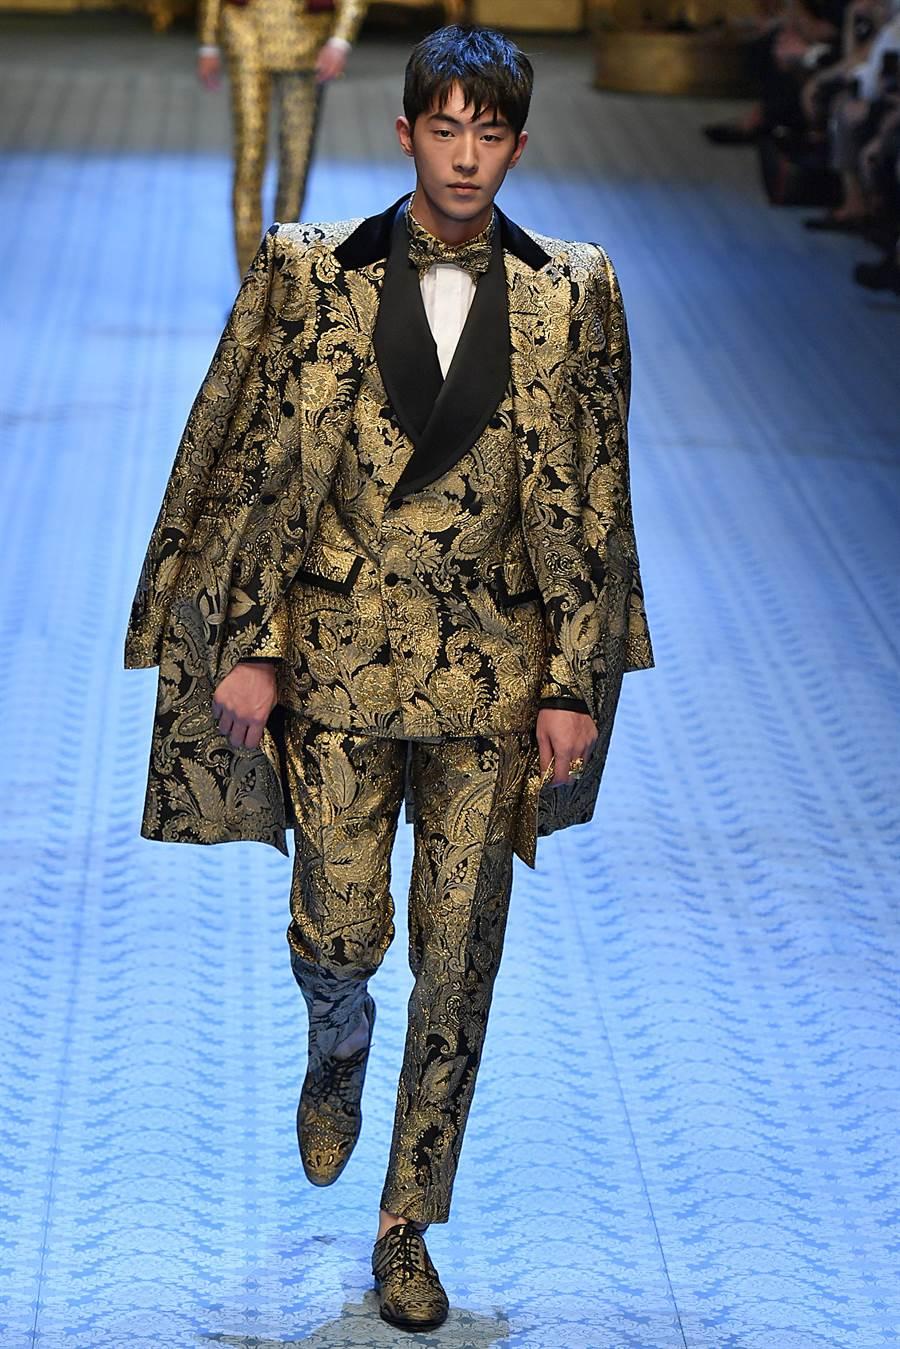 模特出身的韓星南柱赫,日前首登Dolce & Gabbana 2019春夏男裝大秀,並換上一襲華麗晚裝登場。(CFP提供)